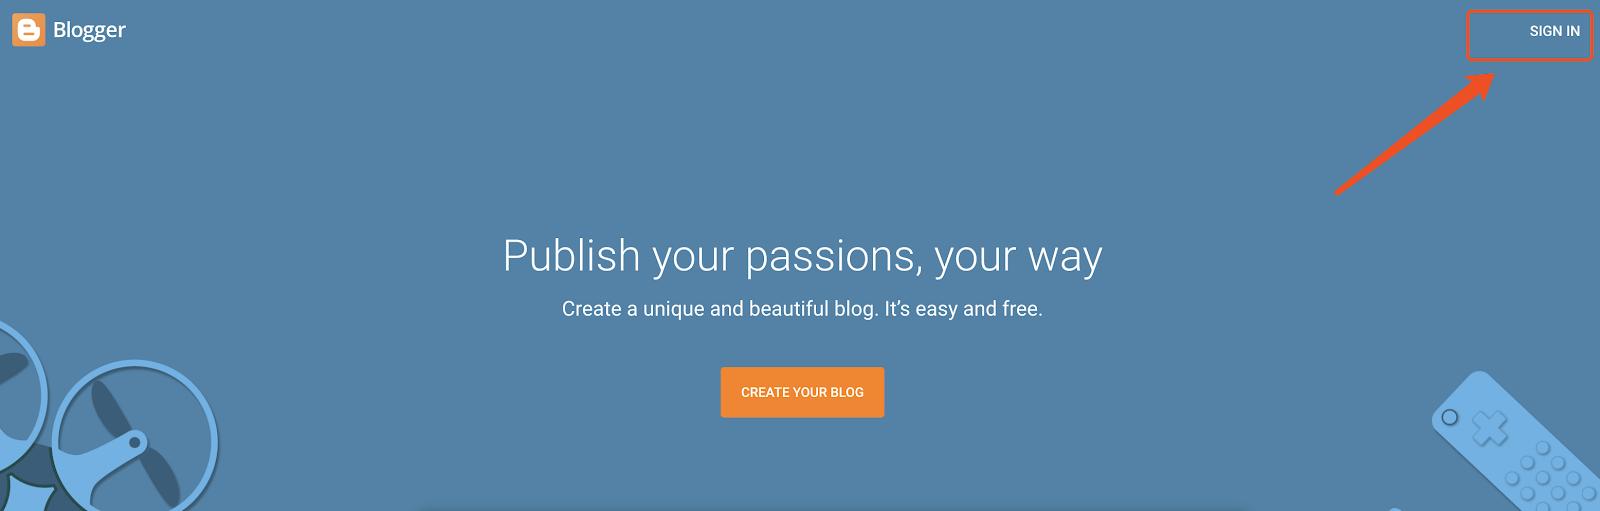 blogger博客平台